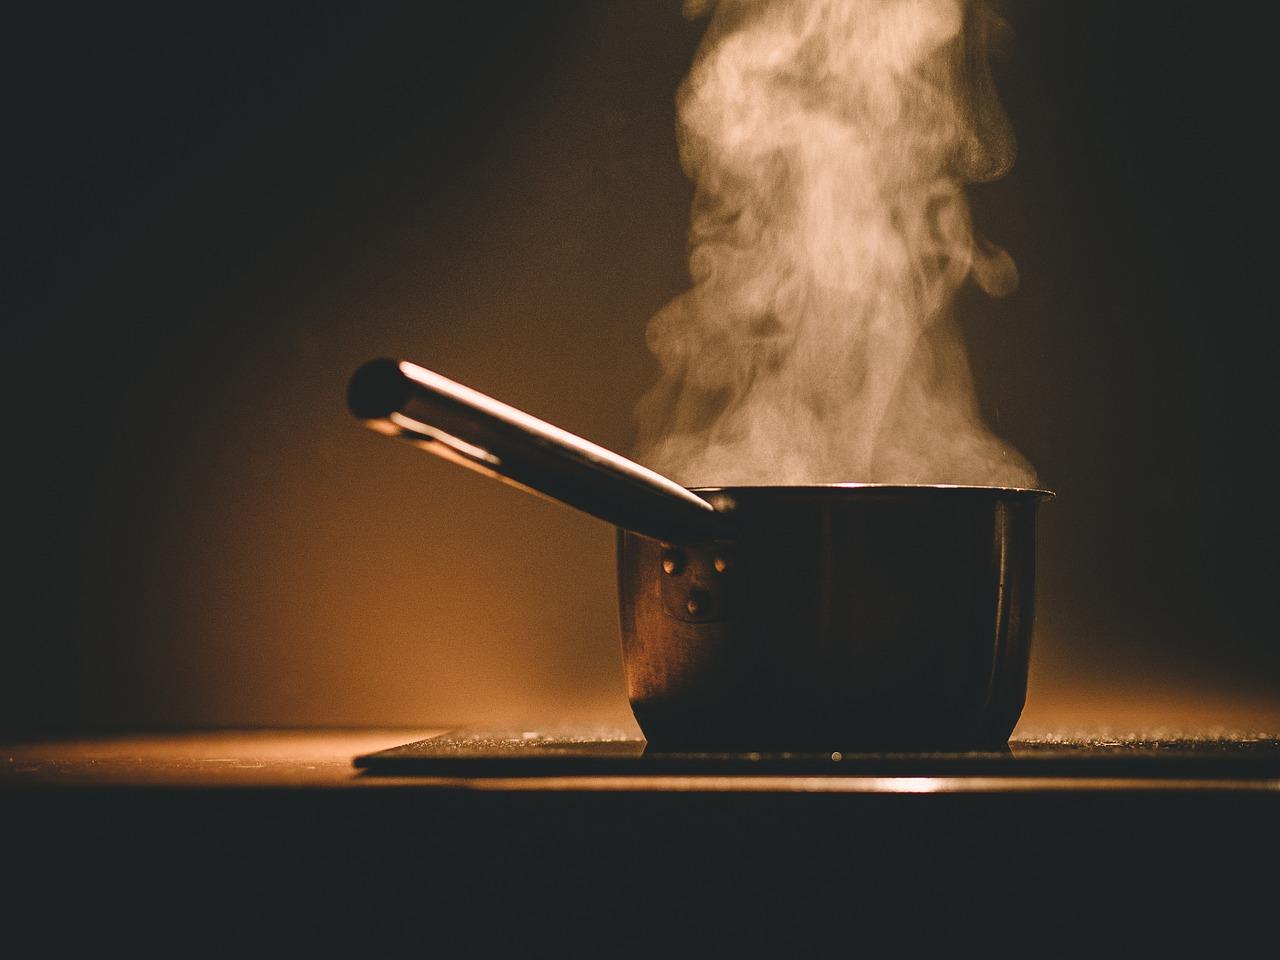 ポット 蒸し ホット 料理 キッチン ストーブ 調理器具